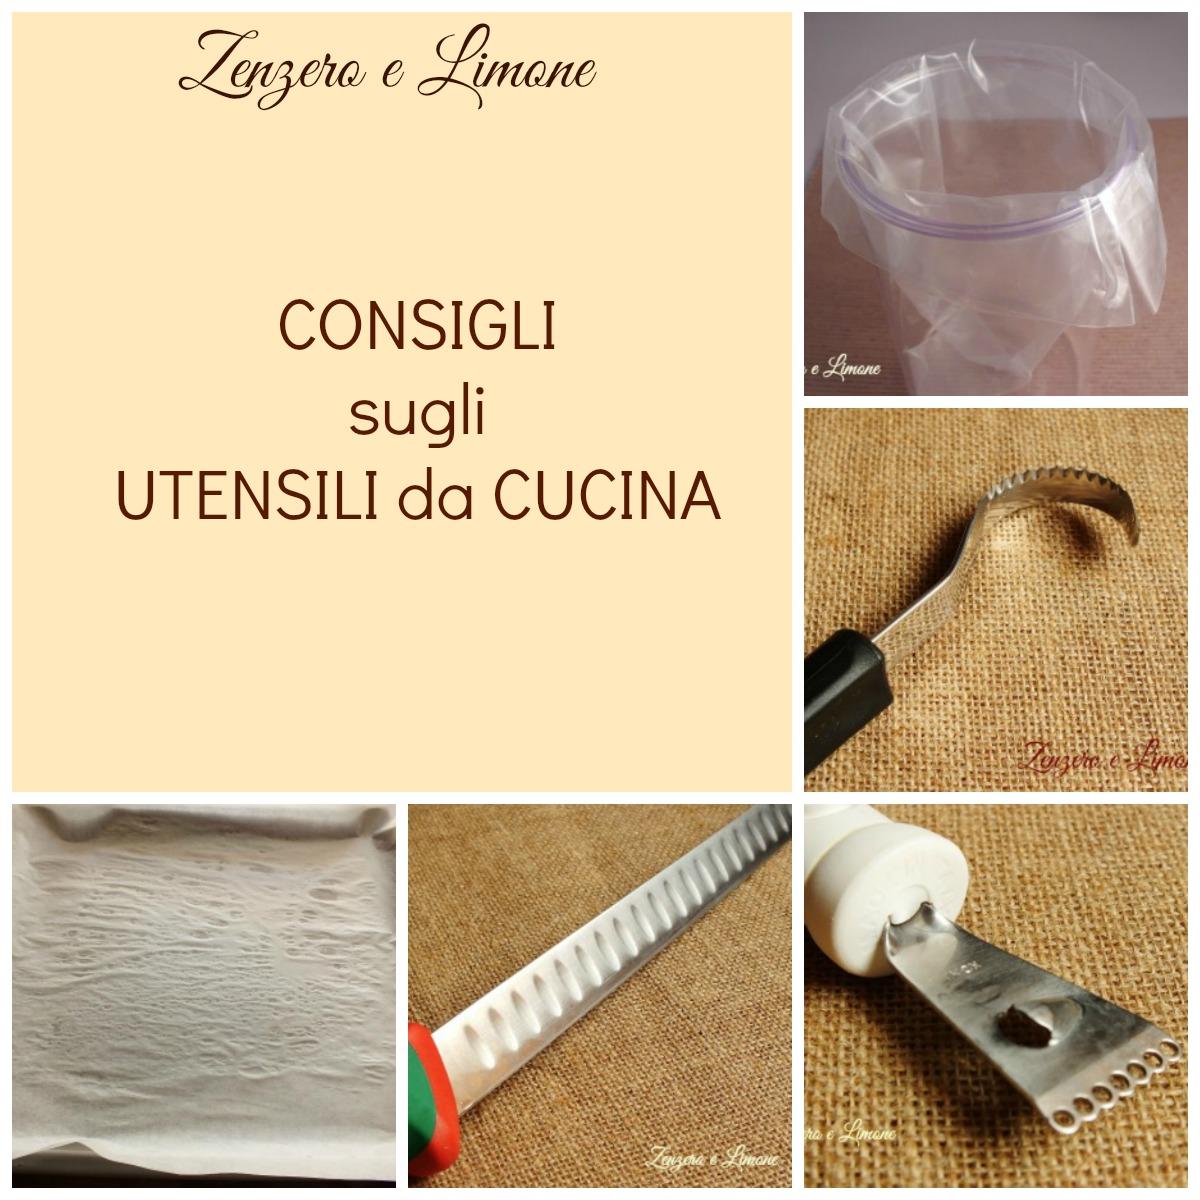 Utensili da cucina consigli zenzero e limone - Stoviglie e utensili da cucina ...